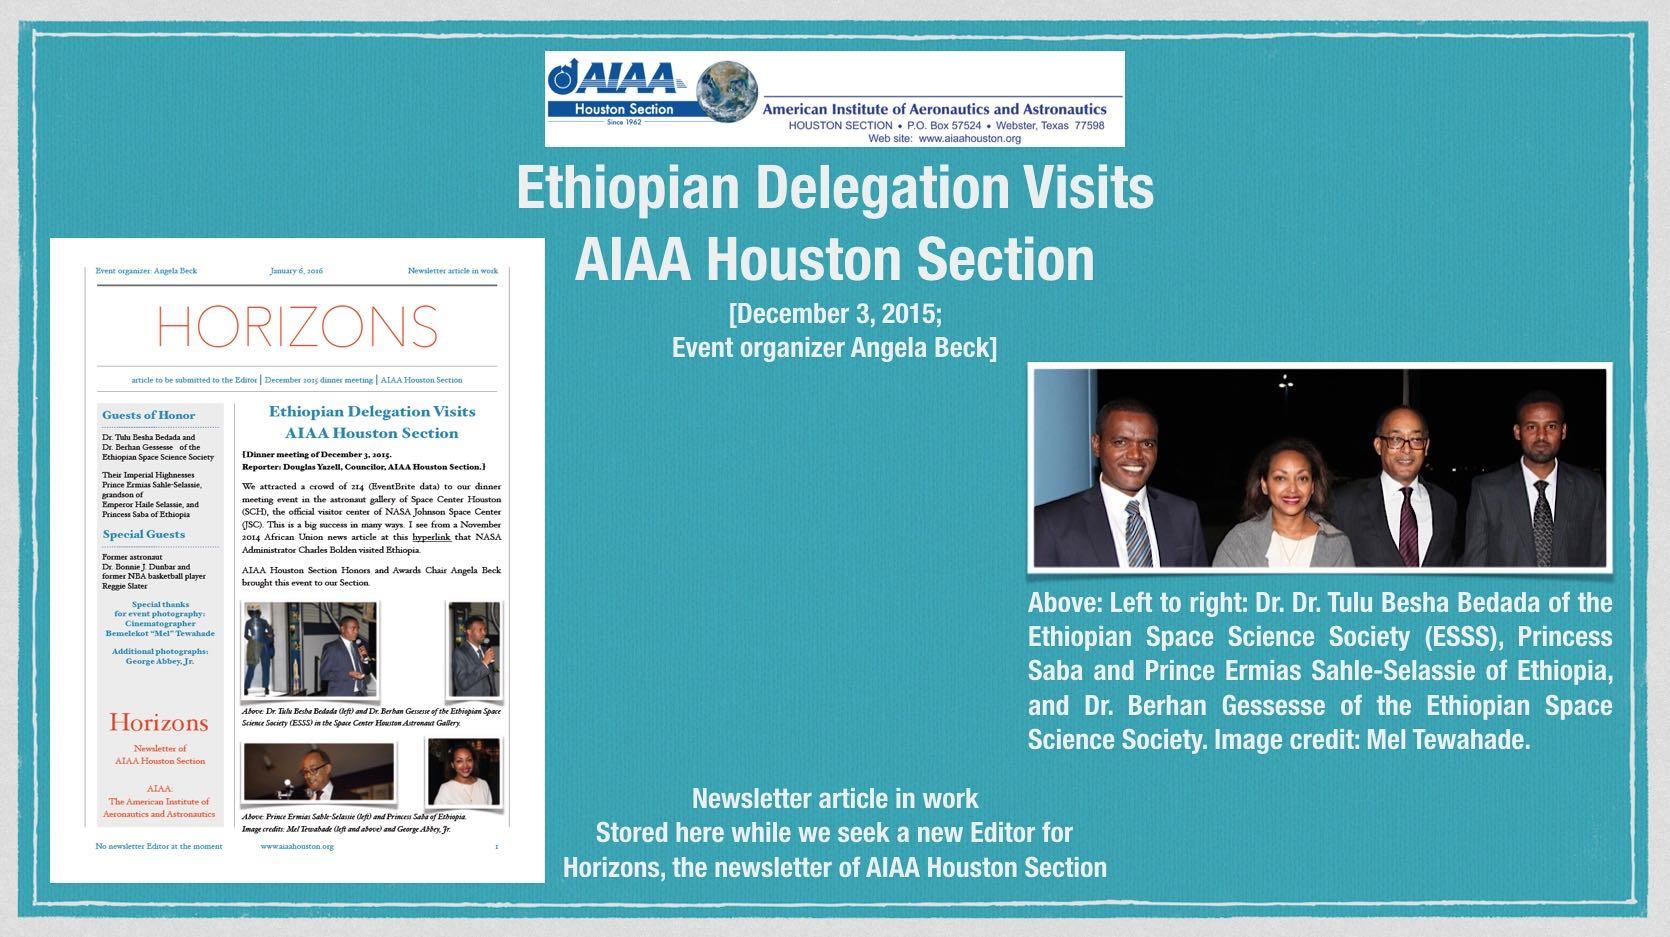 AIAA Houston Section International Activities Committee (IAC